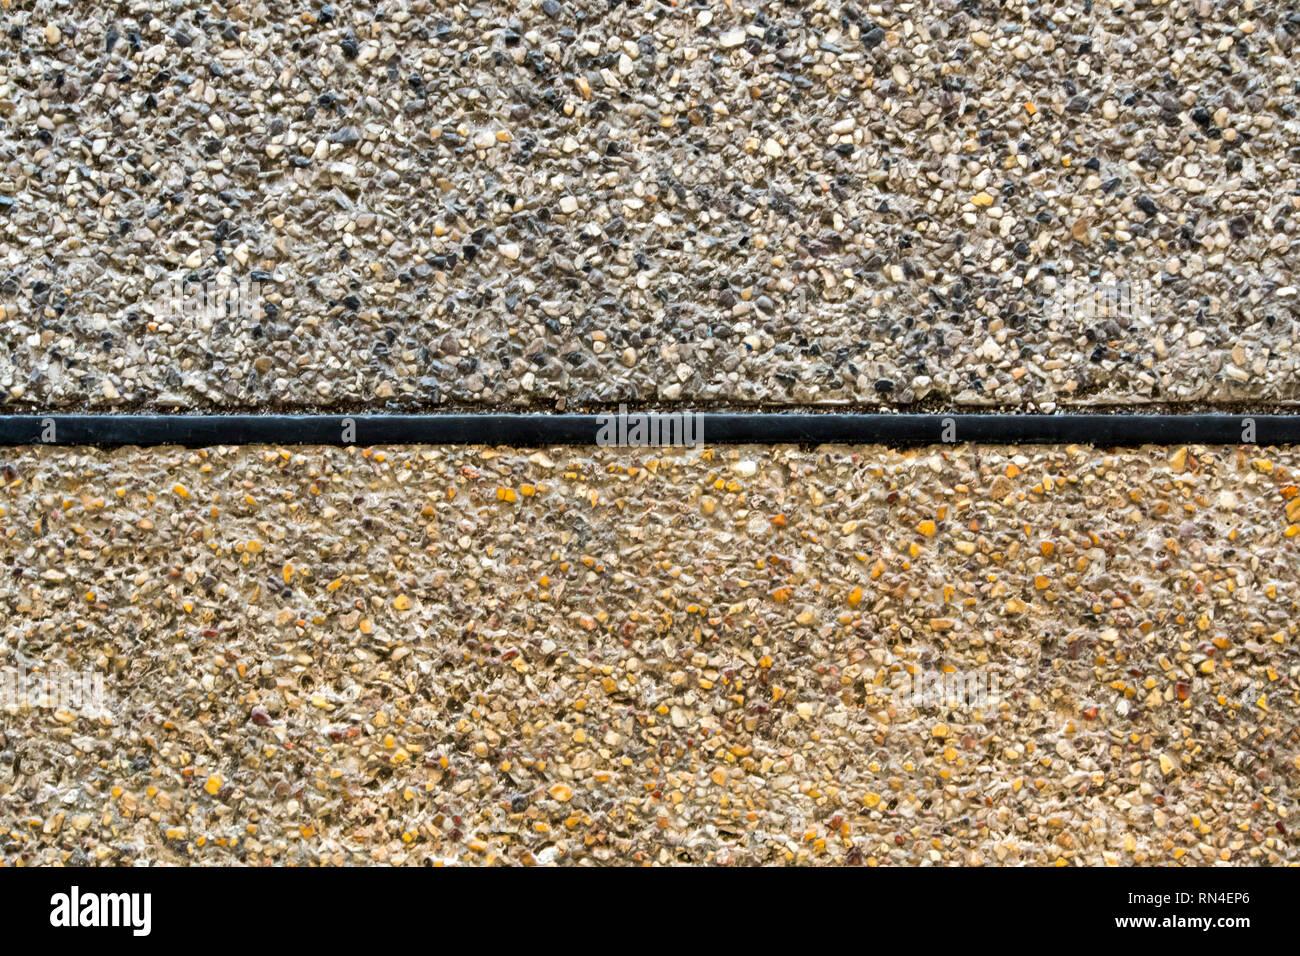 La textura del suelo acabado de agregado expuesto, antideslizante Imagen De Stock